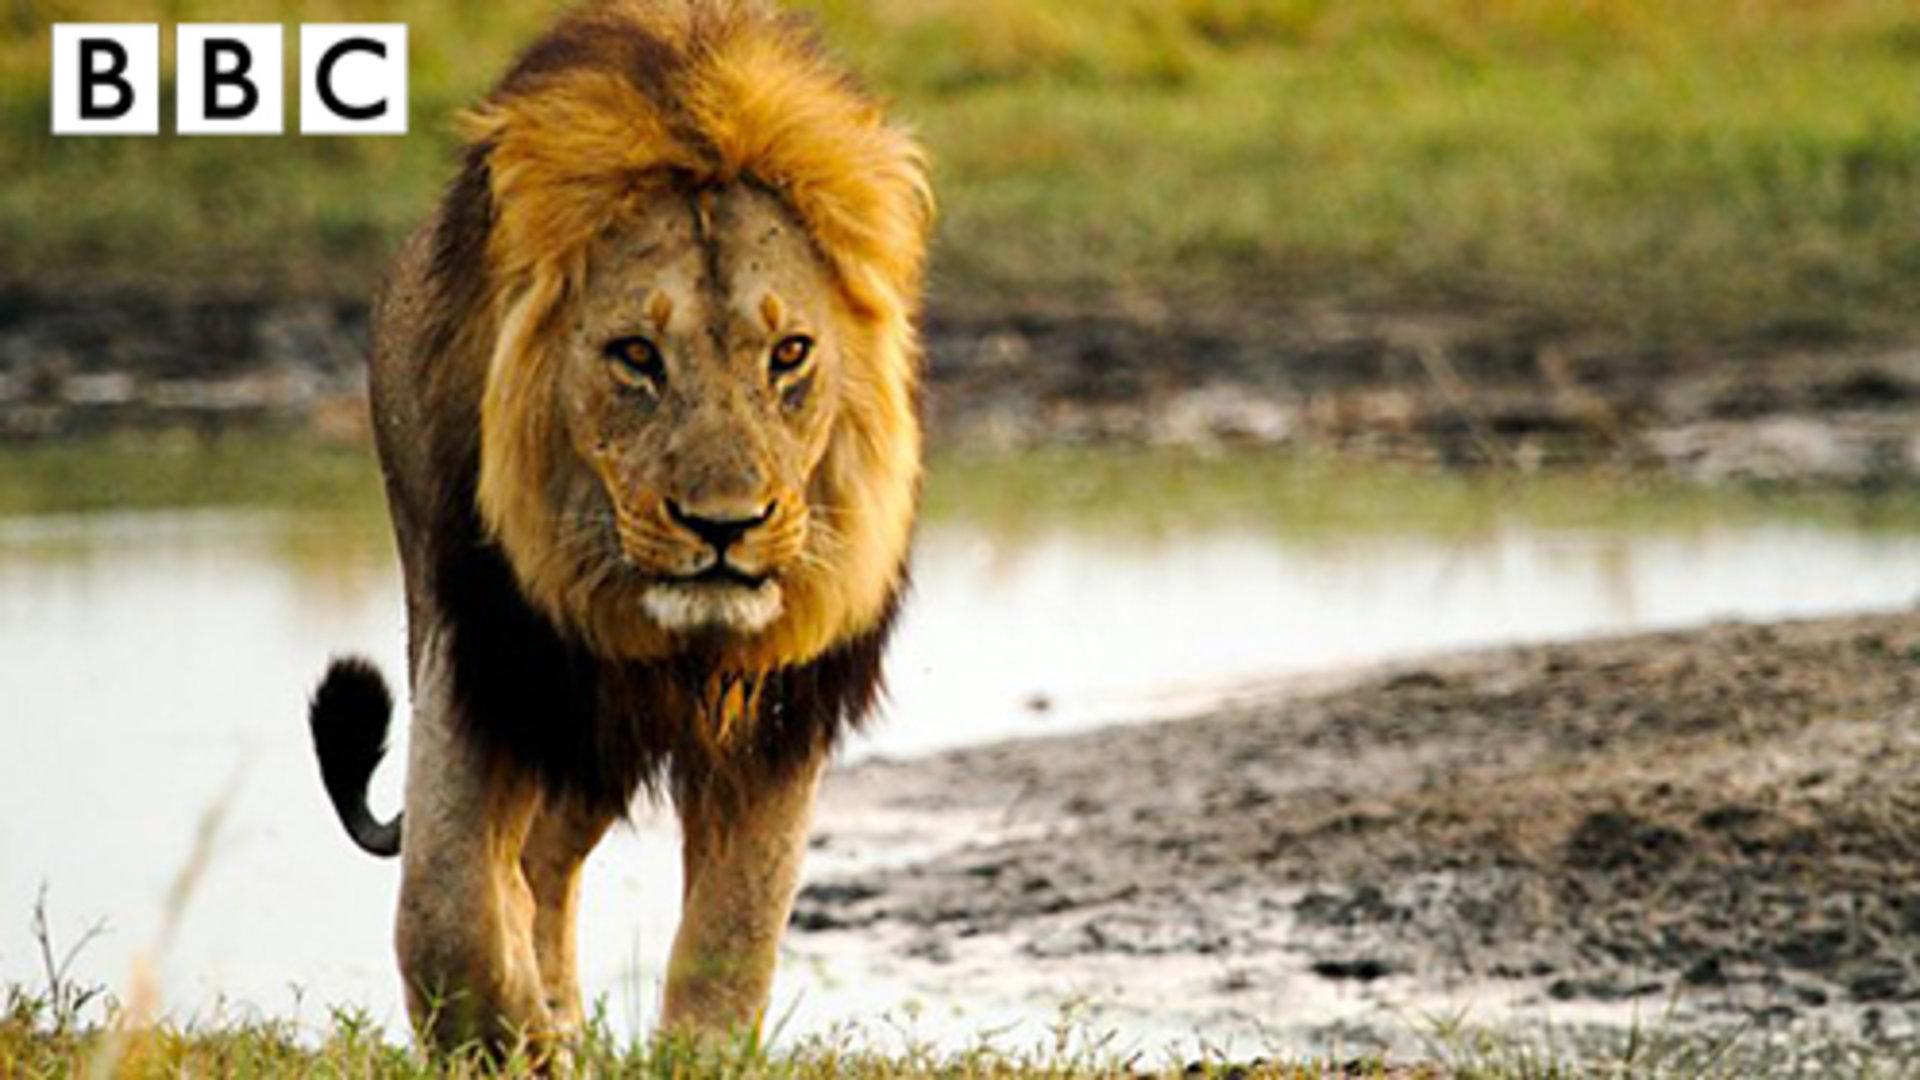 可观看付费视频          闪电引发非洲草原大火 动物天堂一片焦黑 7.